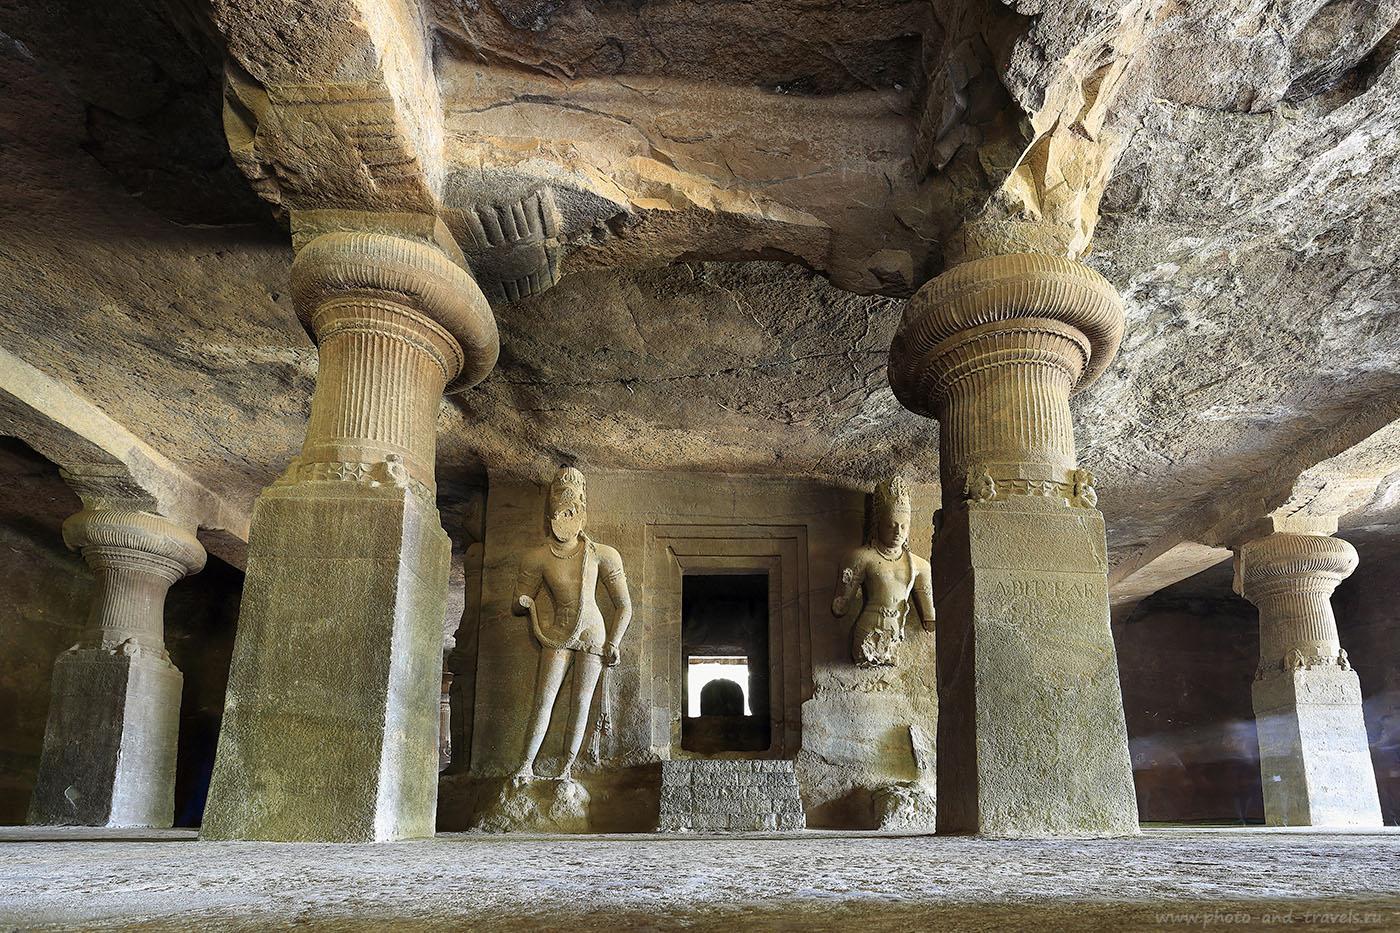 Фотография 9. Алтарь с Шивалингамом в главной пещере Элефанты. Рассказы про самостоятельный отдых в Индии. (17-40, 13 сек., 1eV, f9, 17 mm, ISO 100)